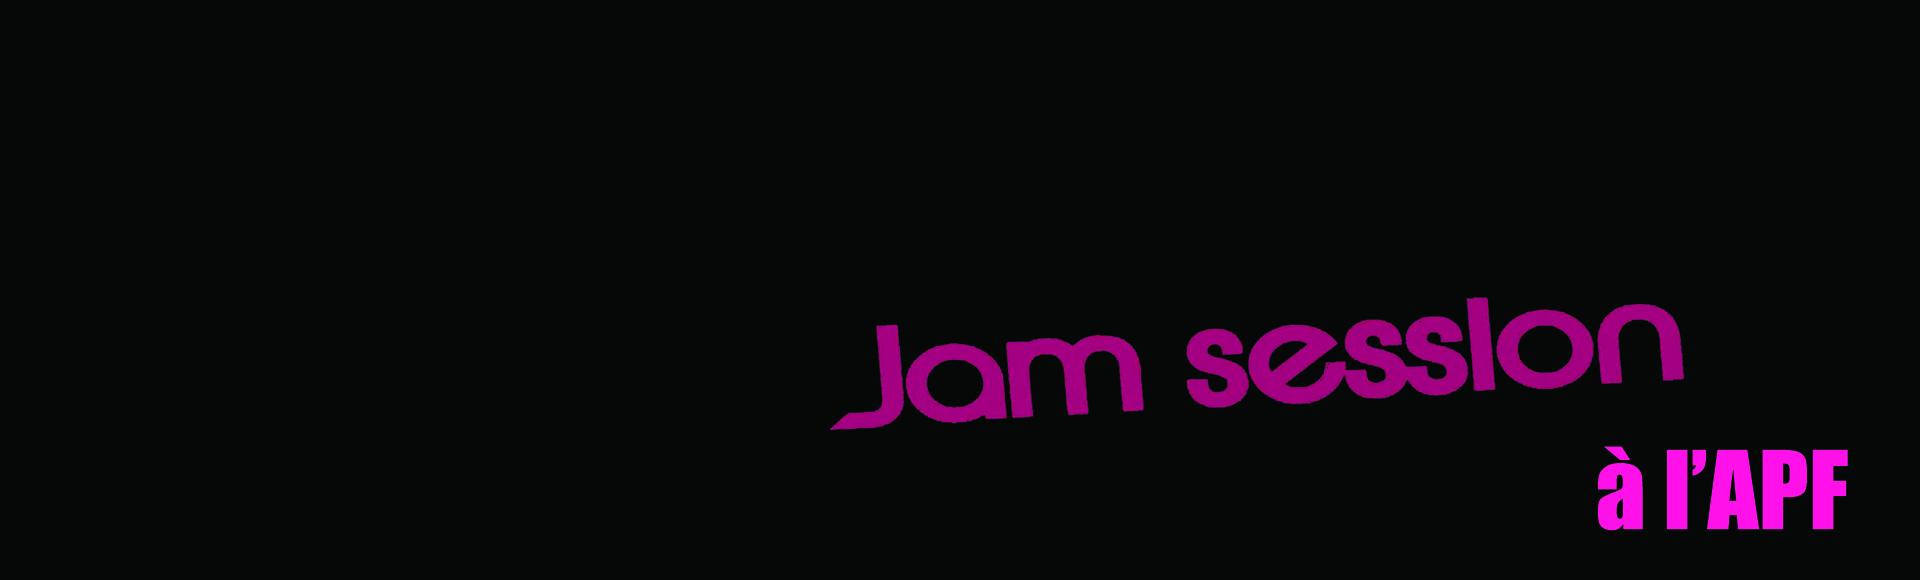 Jam Session – 13 février 2018 à l'APF